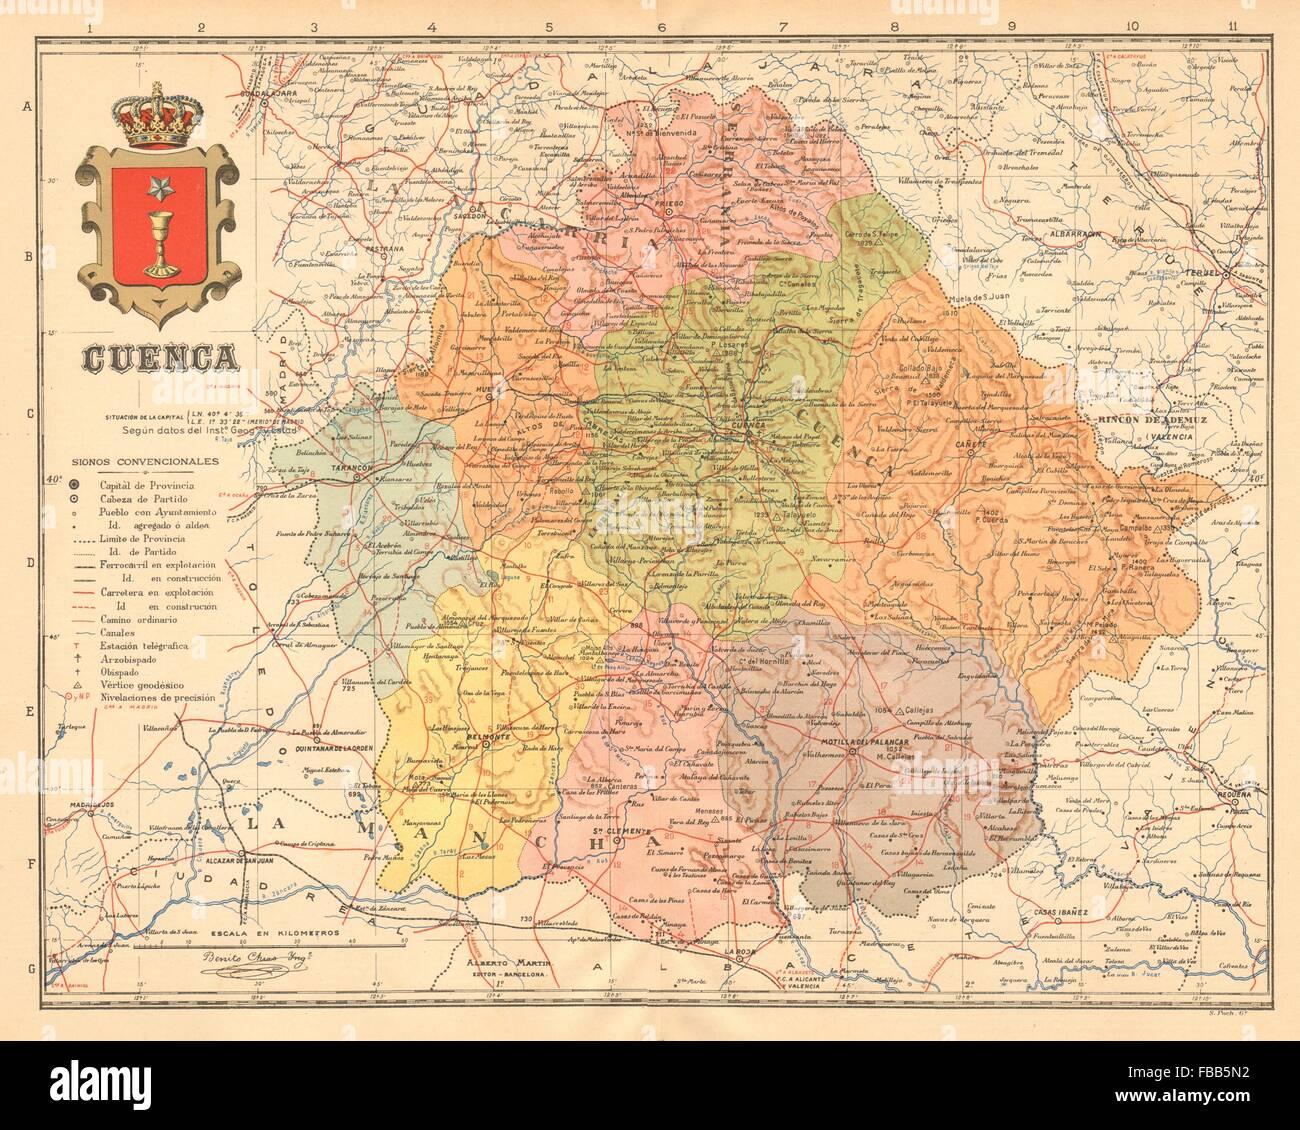 Mapa Provincia De Cuenca.Cuenca Castilla La Mancha Mapa Antiguo De La Provincia Alberto Stock Photo Alamy